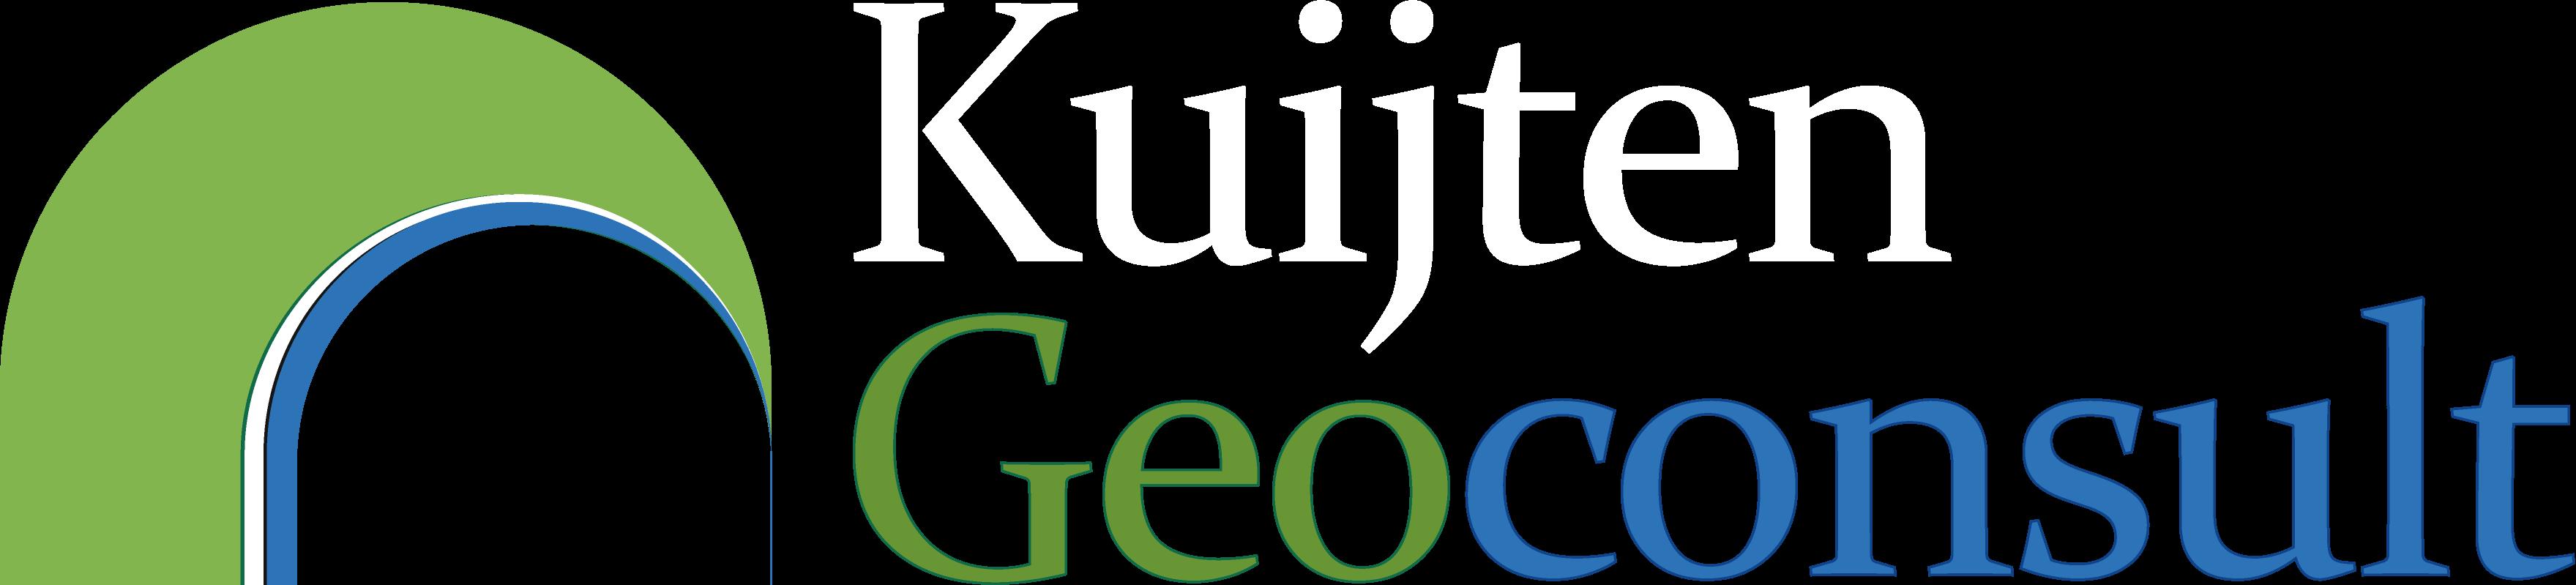 Kuijten Geoconsult B.V.